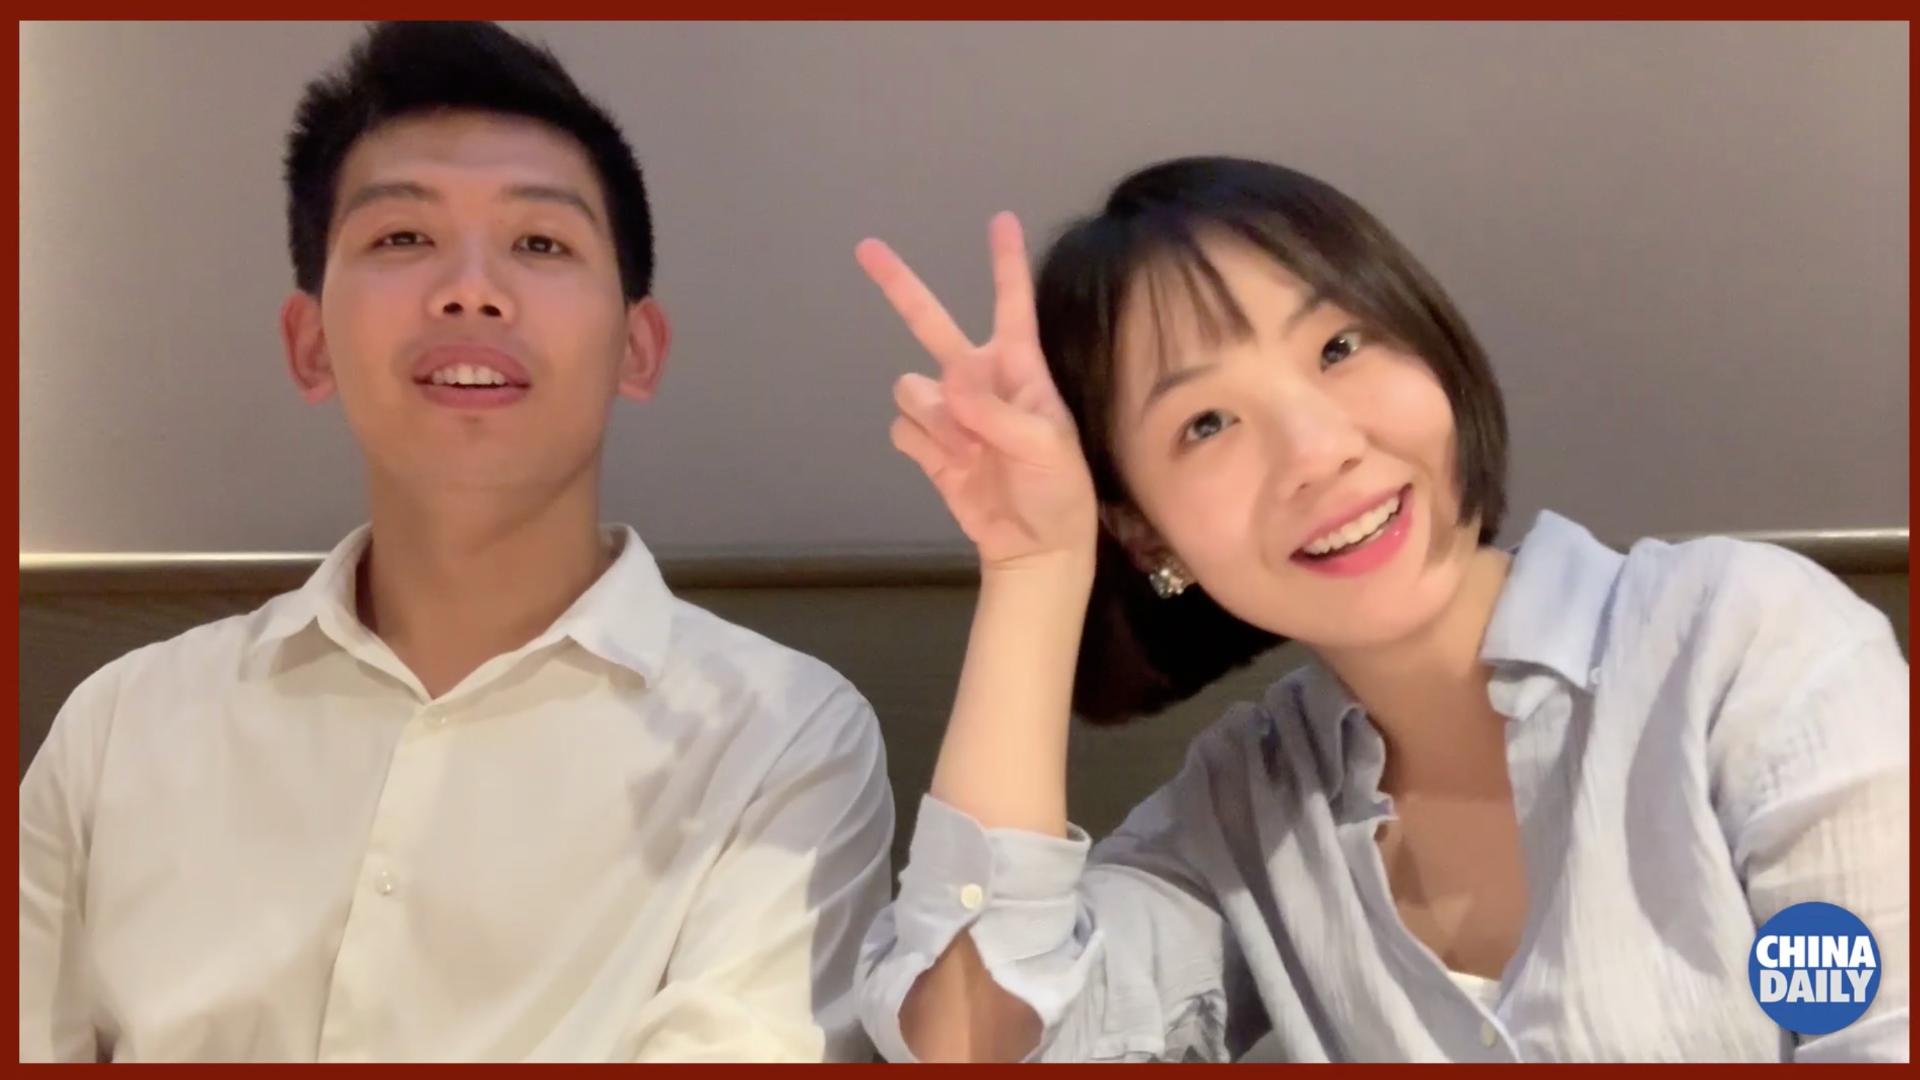 【小彭VLOG】既然拥有了外国国籍,为什么又想方设法回到中国?